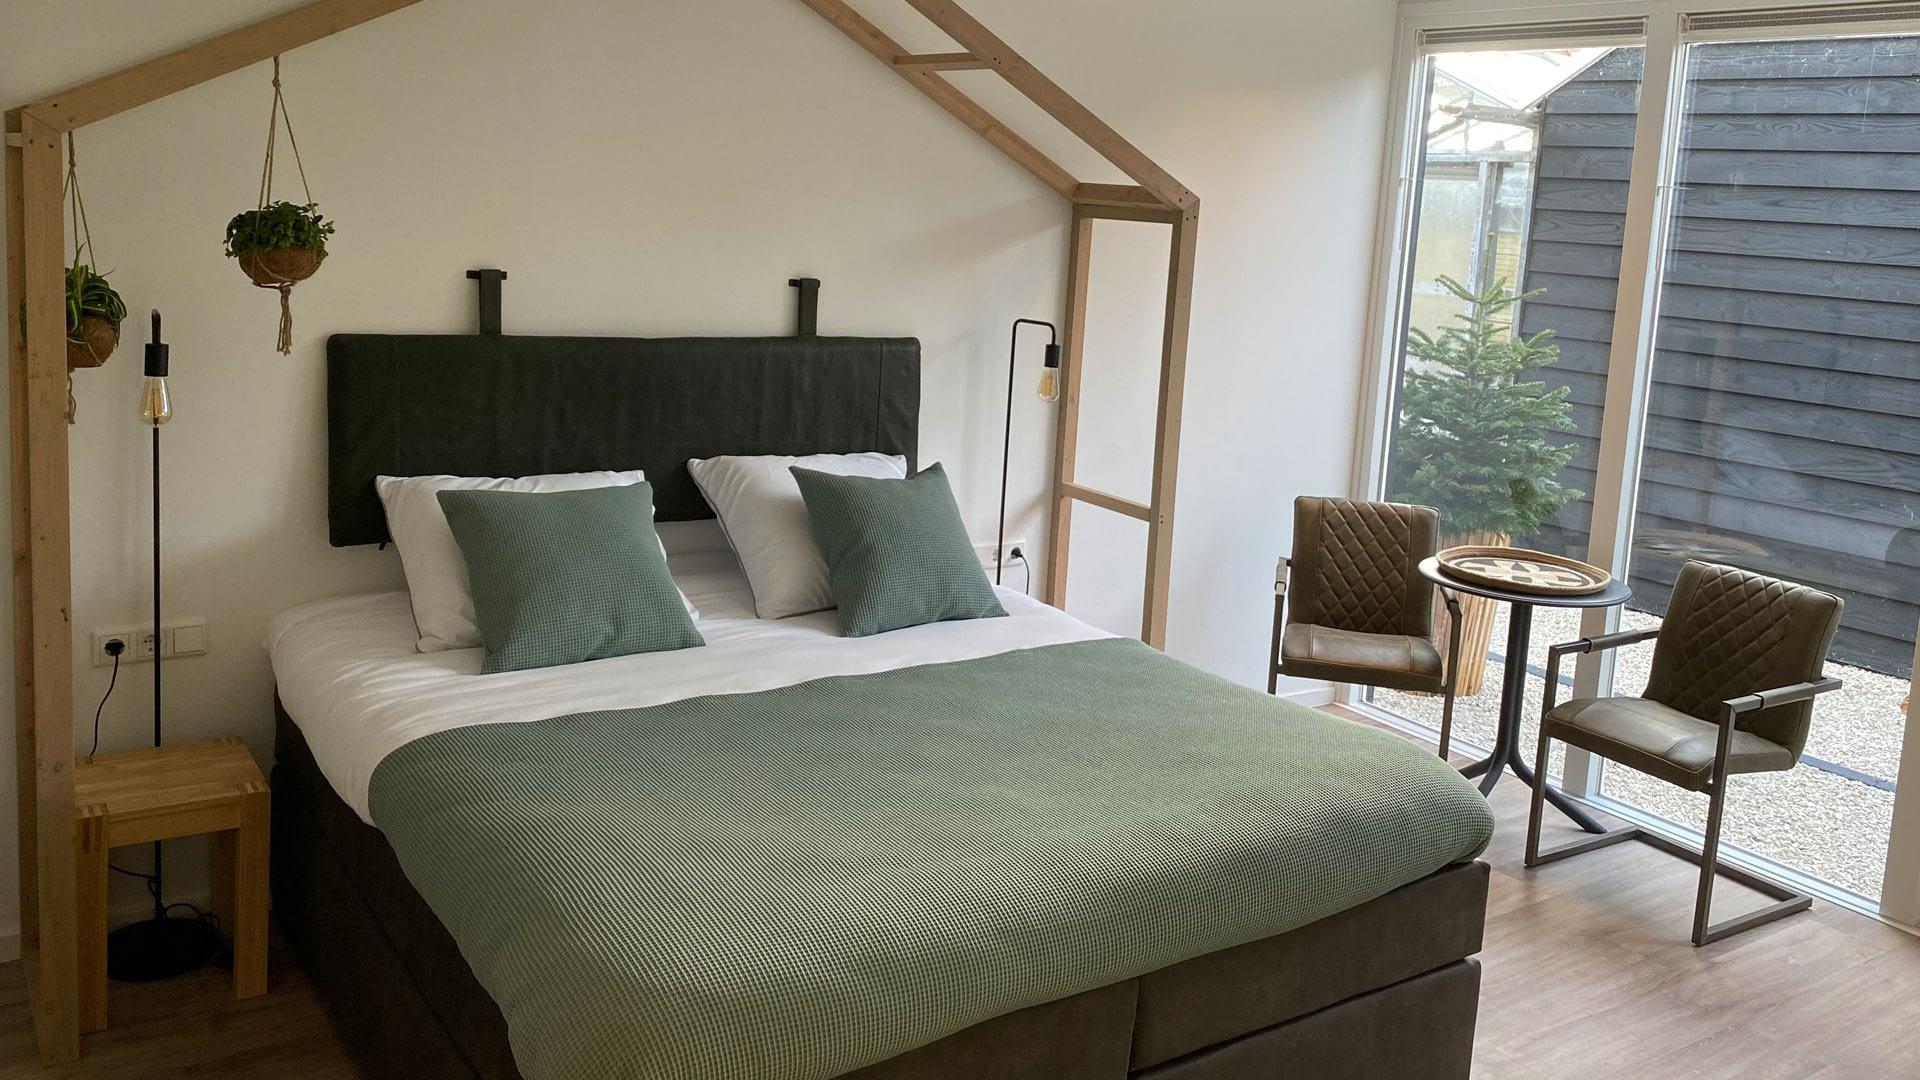 Tweepersoons bed in een B&B met groen/grijze dekbed en een houten frame van een kas boven het bed in het Westland